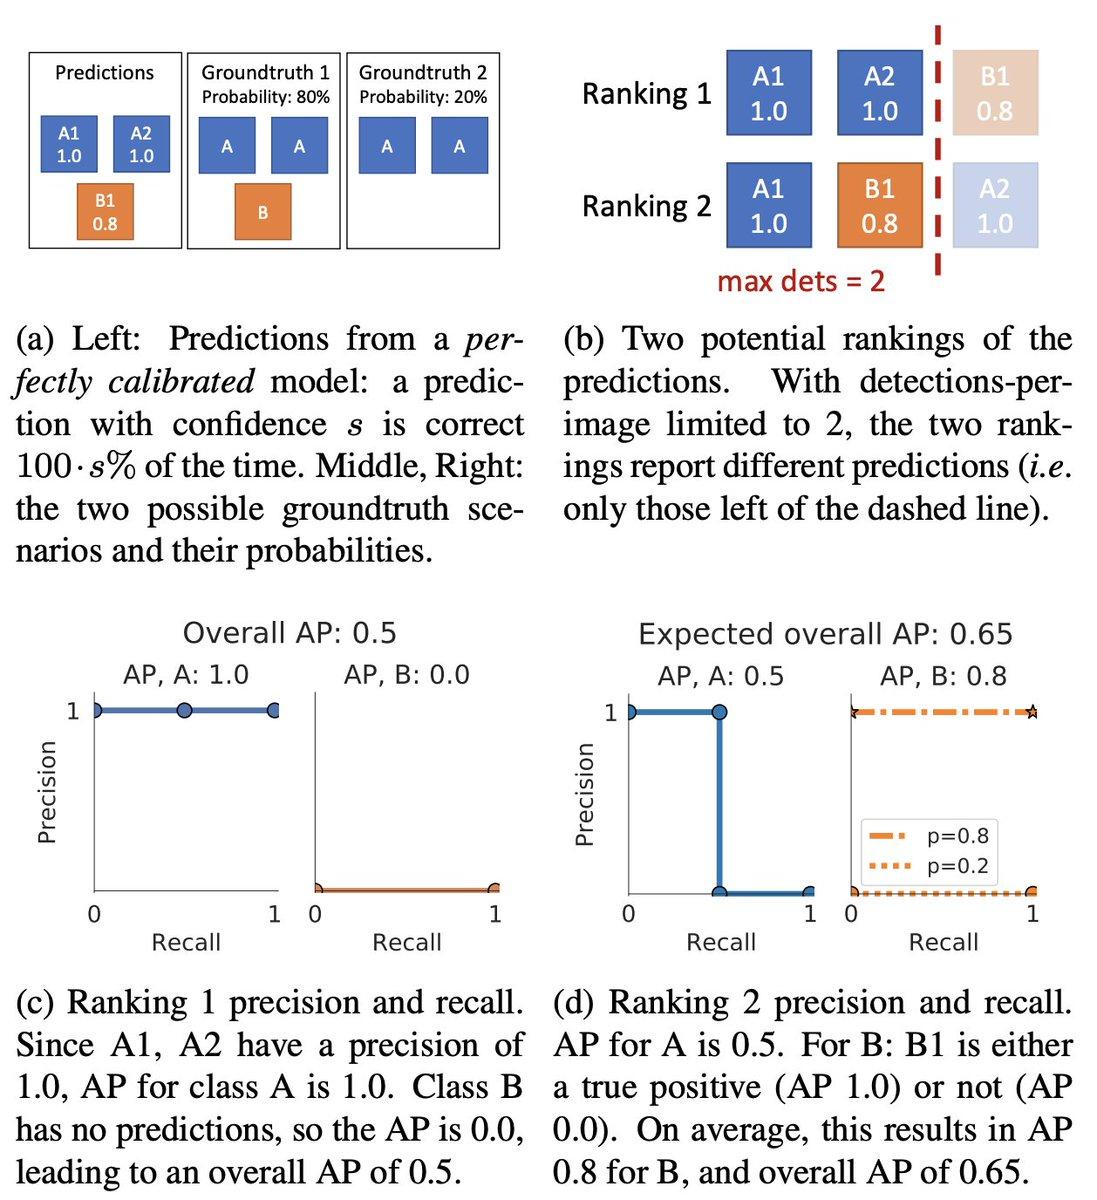 Rossさん達がAP計算のハック要素を指摘。実装上の都合で画像あたりの検出数に制限があるせいで、どの検出結果を残すかを操作して平均APを上げられる。頻出クラスは信頼度が高くても削除し、逆に信頼度が低いレアクラスを検出結果に含めるような不自然なやり方でAPが上がる